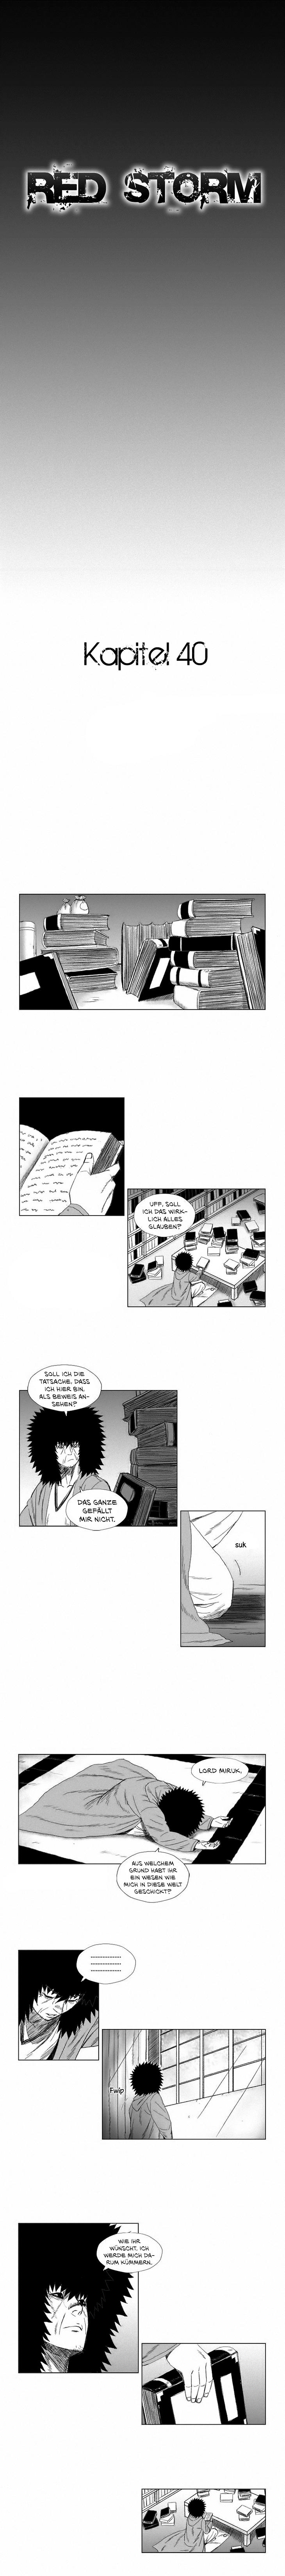 https://wie.mangadogs.com/comics/pic/13/525/201795/Kapitel40_0_115.png Page 1